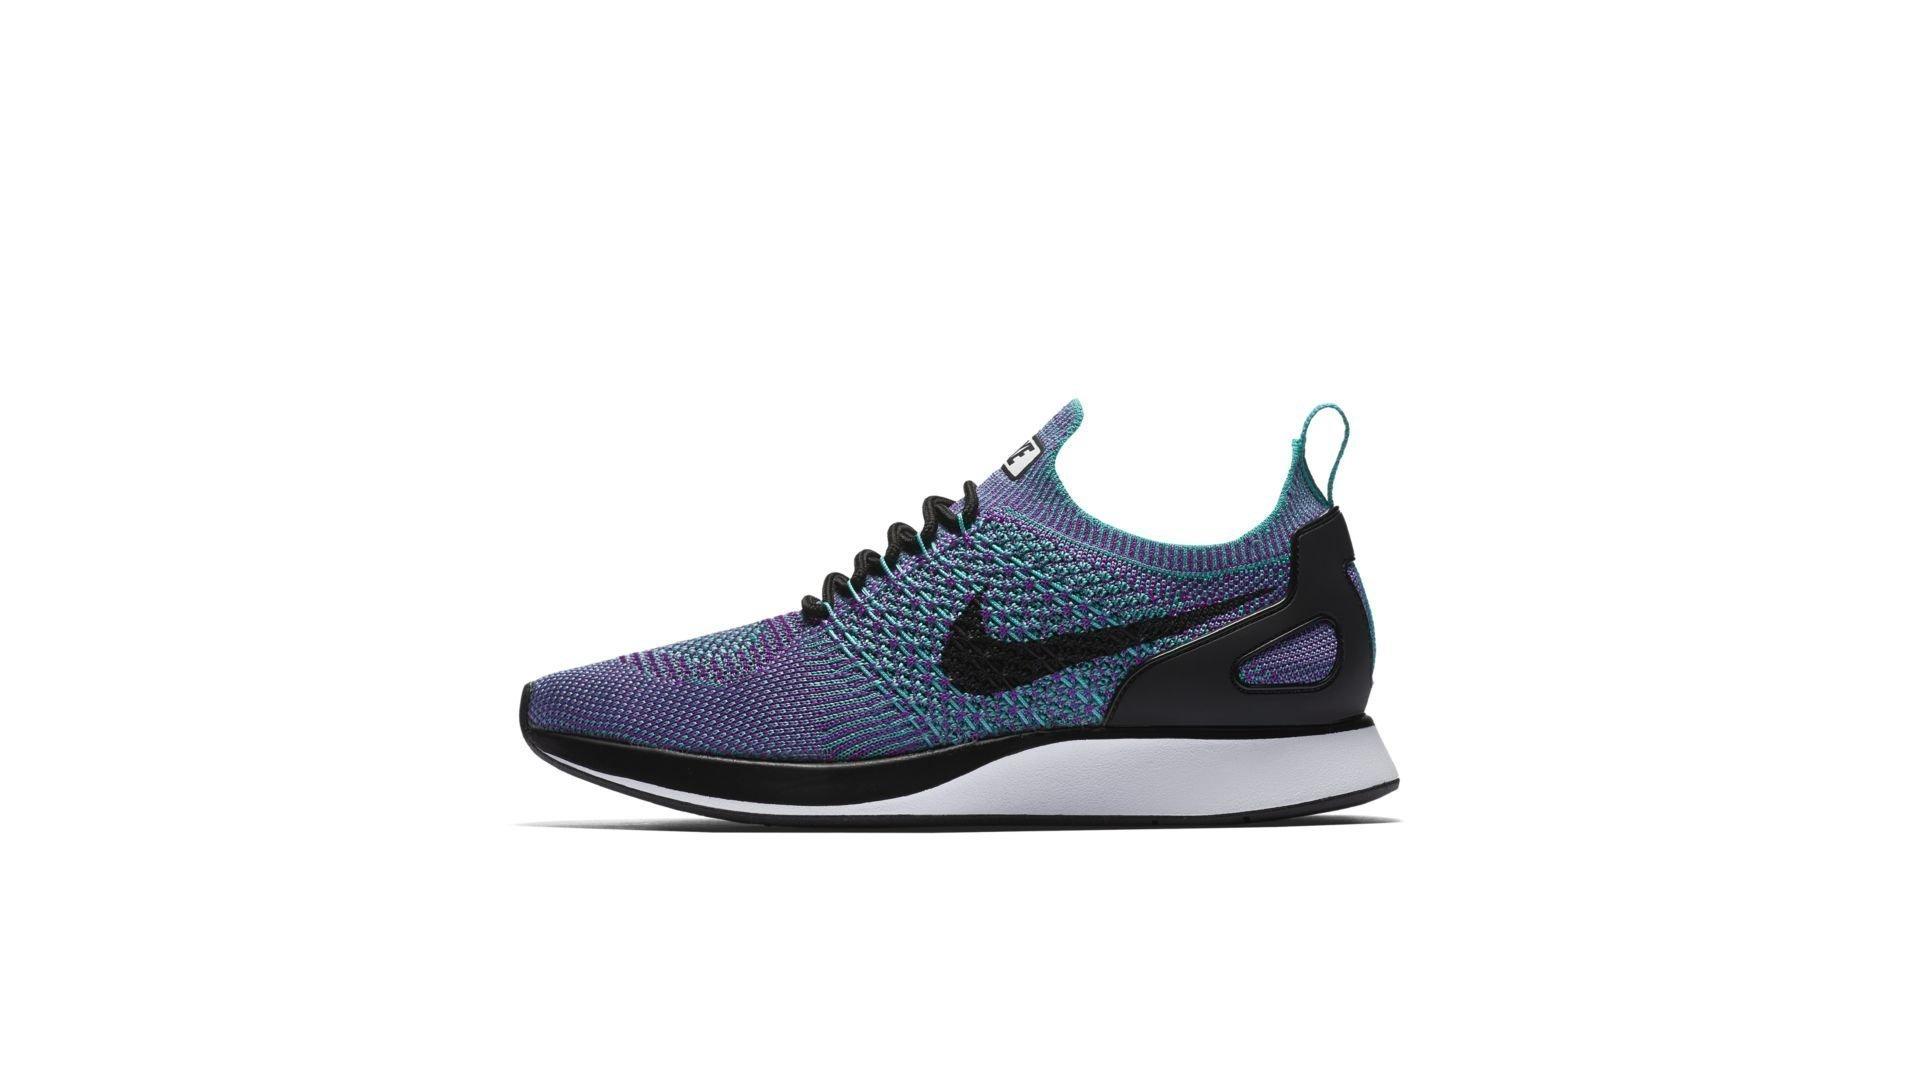 Nike Mariah Flyknit Racer Jade Violet (W) (917658-300)